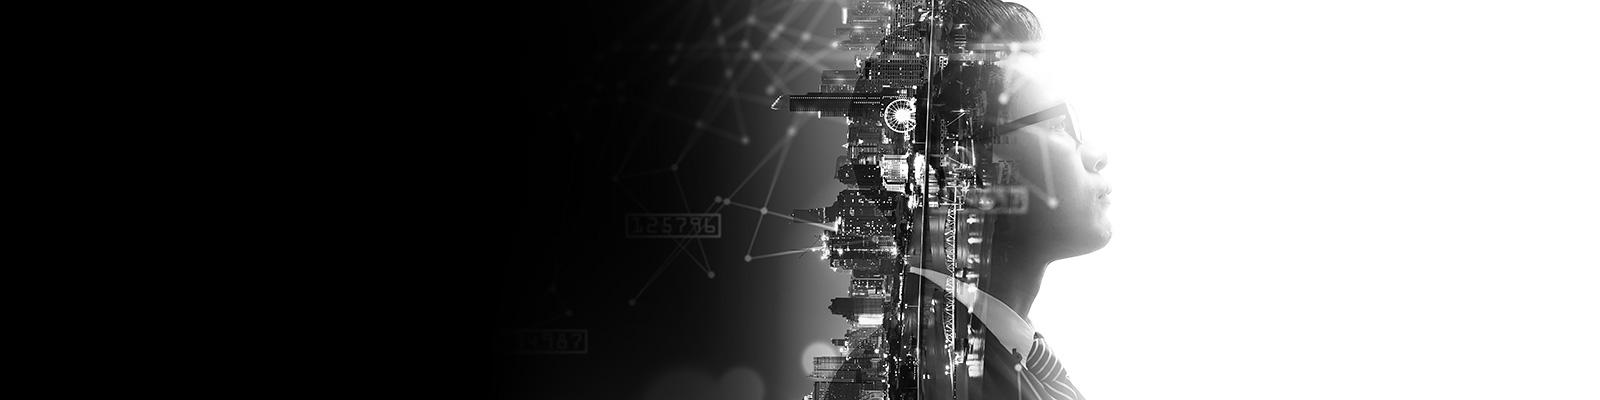 ビジネス デジタル DX イメージ